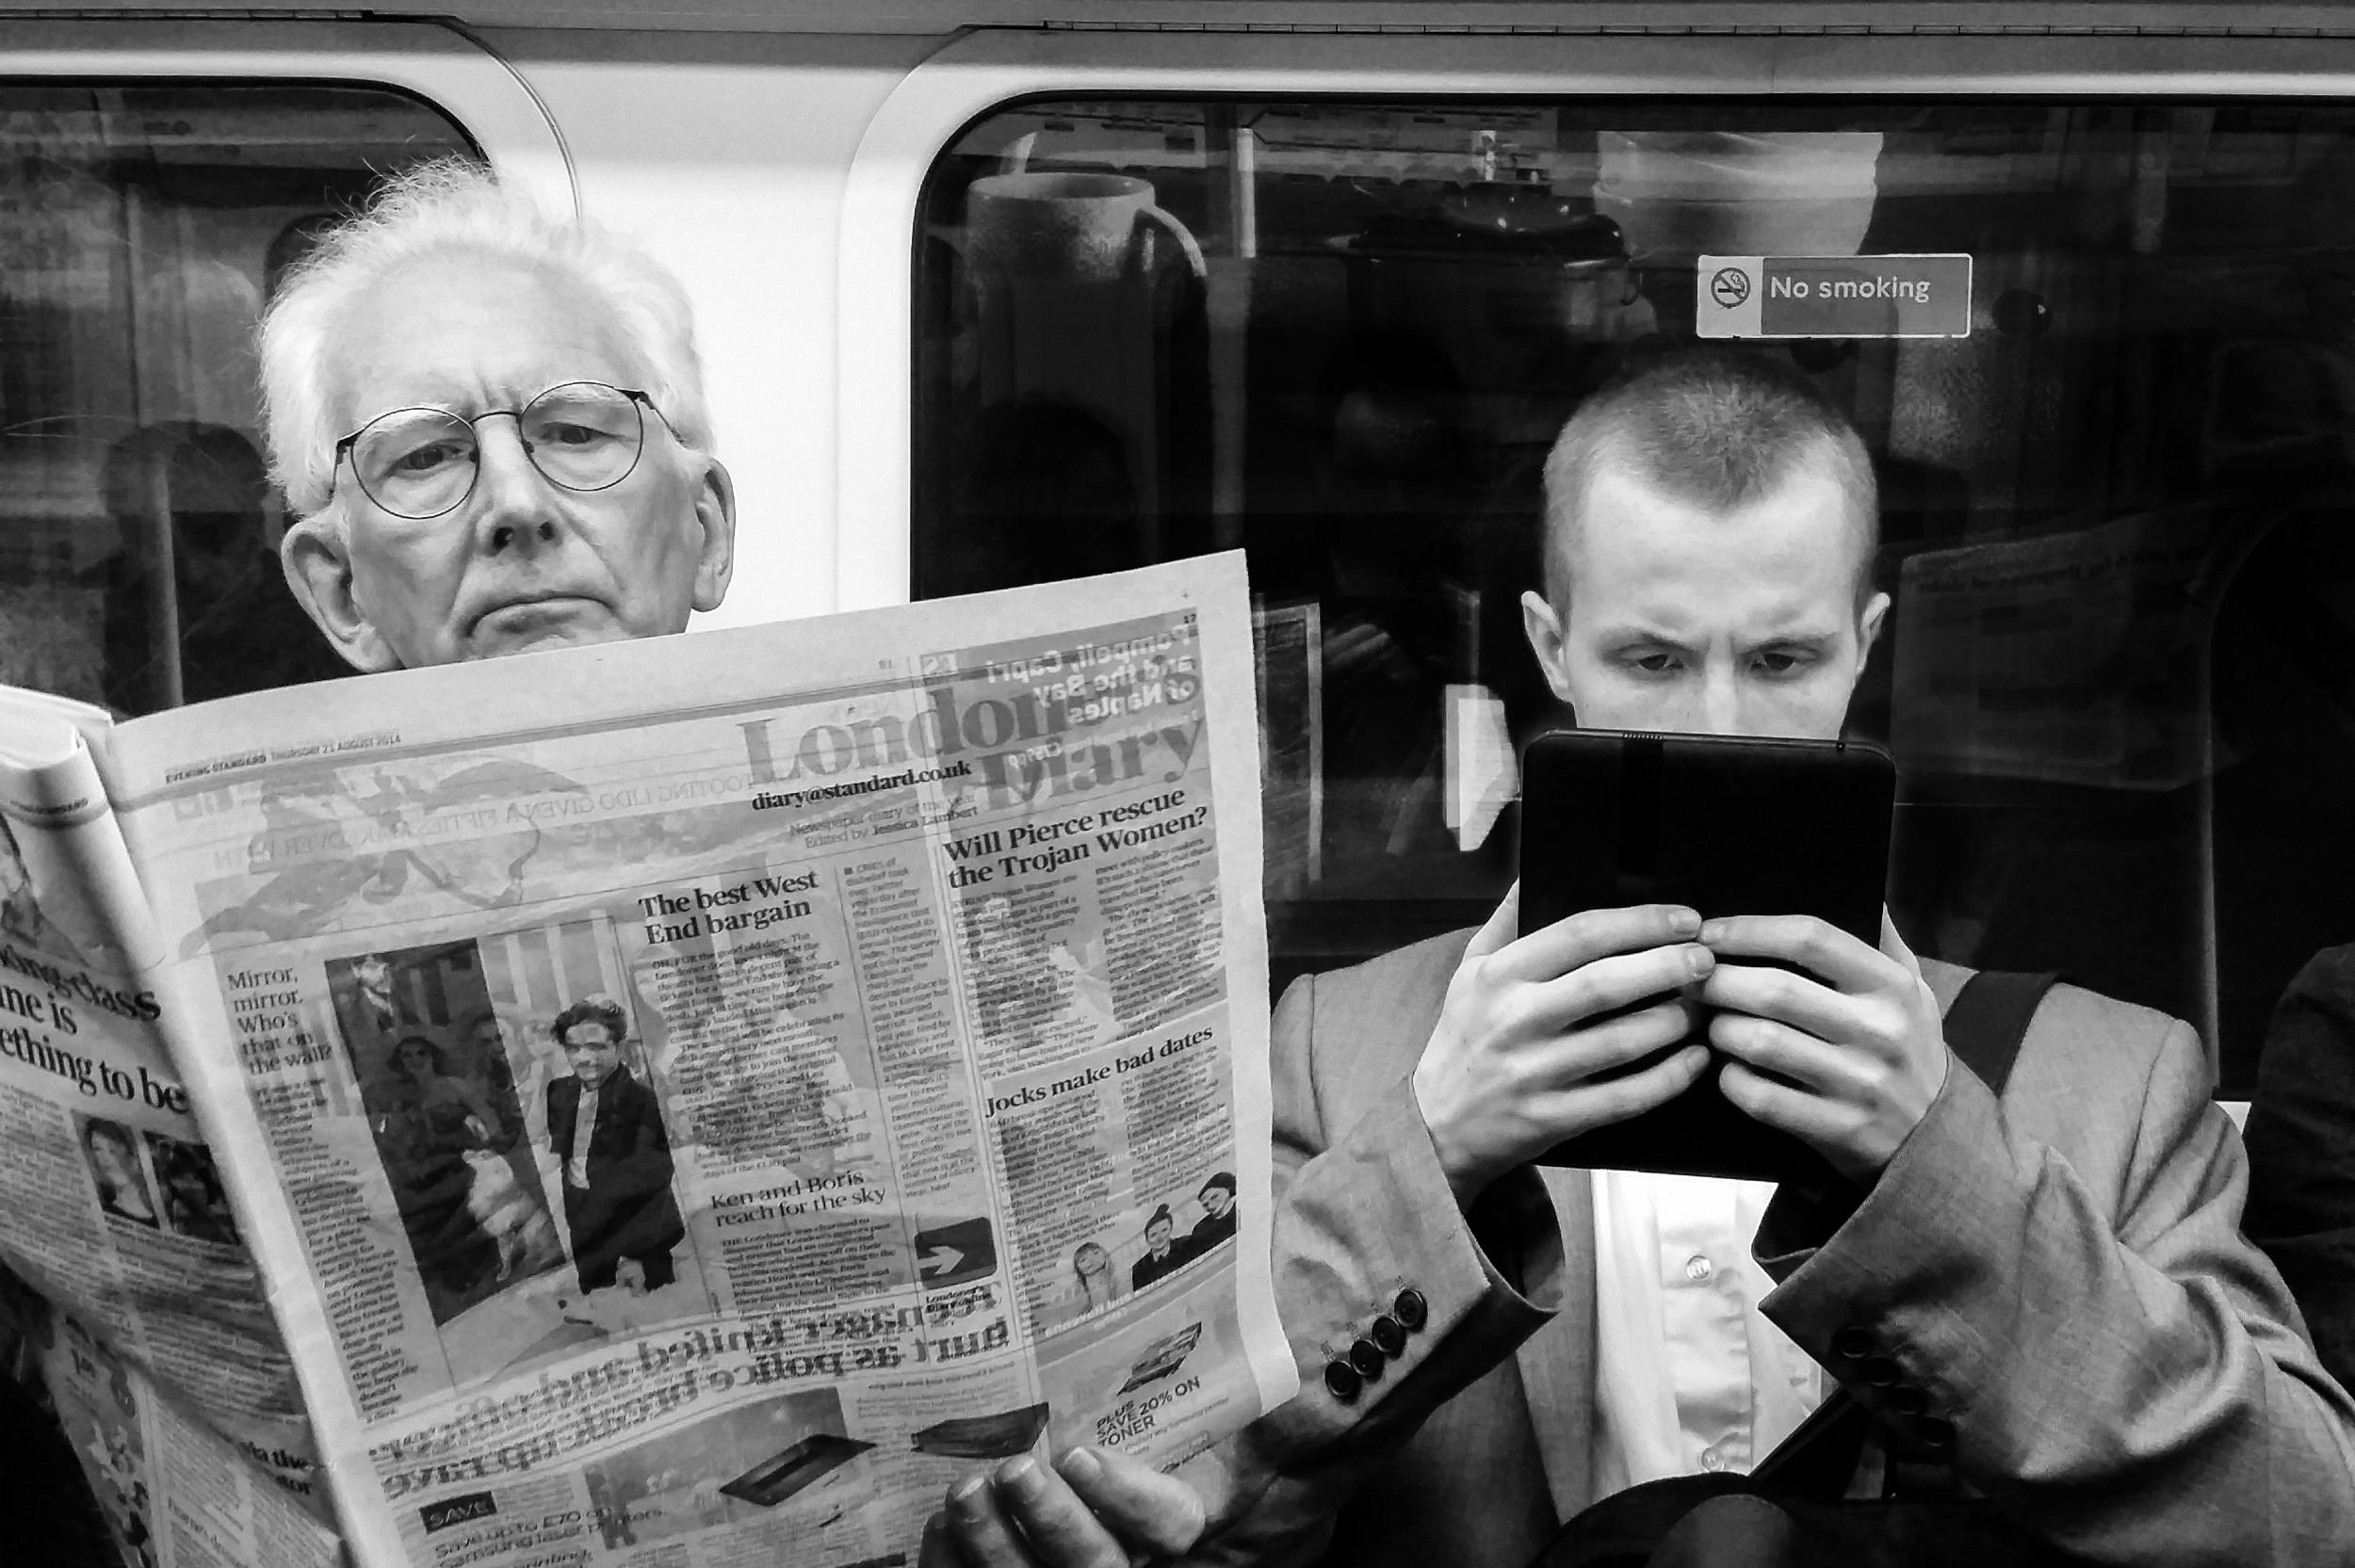 Сцена из лондонског метроа у којој старији човек чита дневне новине, а млађи чита вести на таблету (Фото: Flickr/Matthew G)